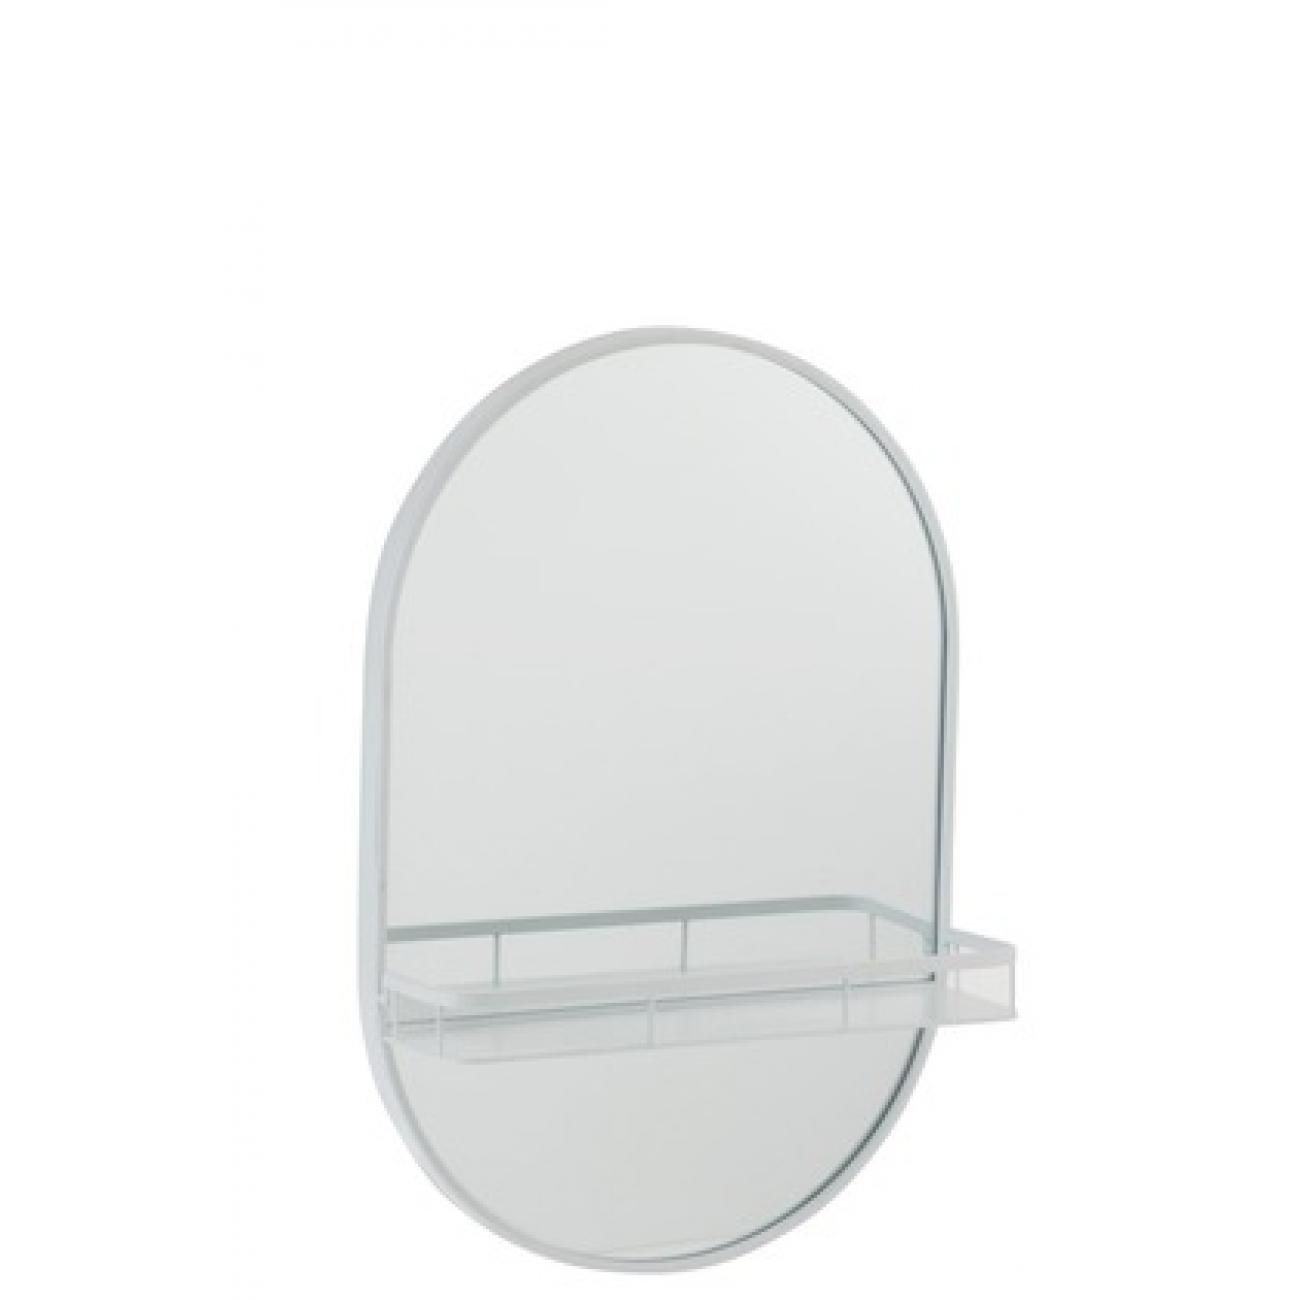 Зеркало J-LINE овальное настенное в металлической раме с полкой белое 40х60 см Бельгия